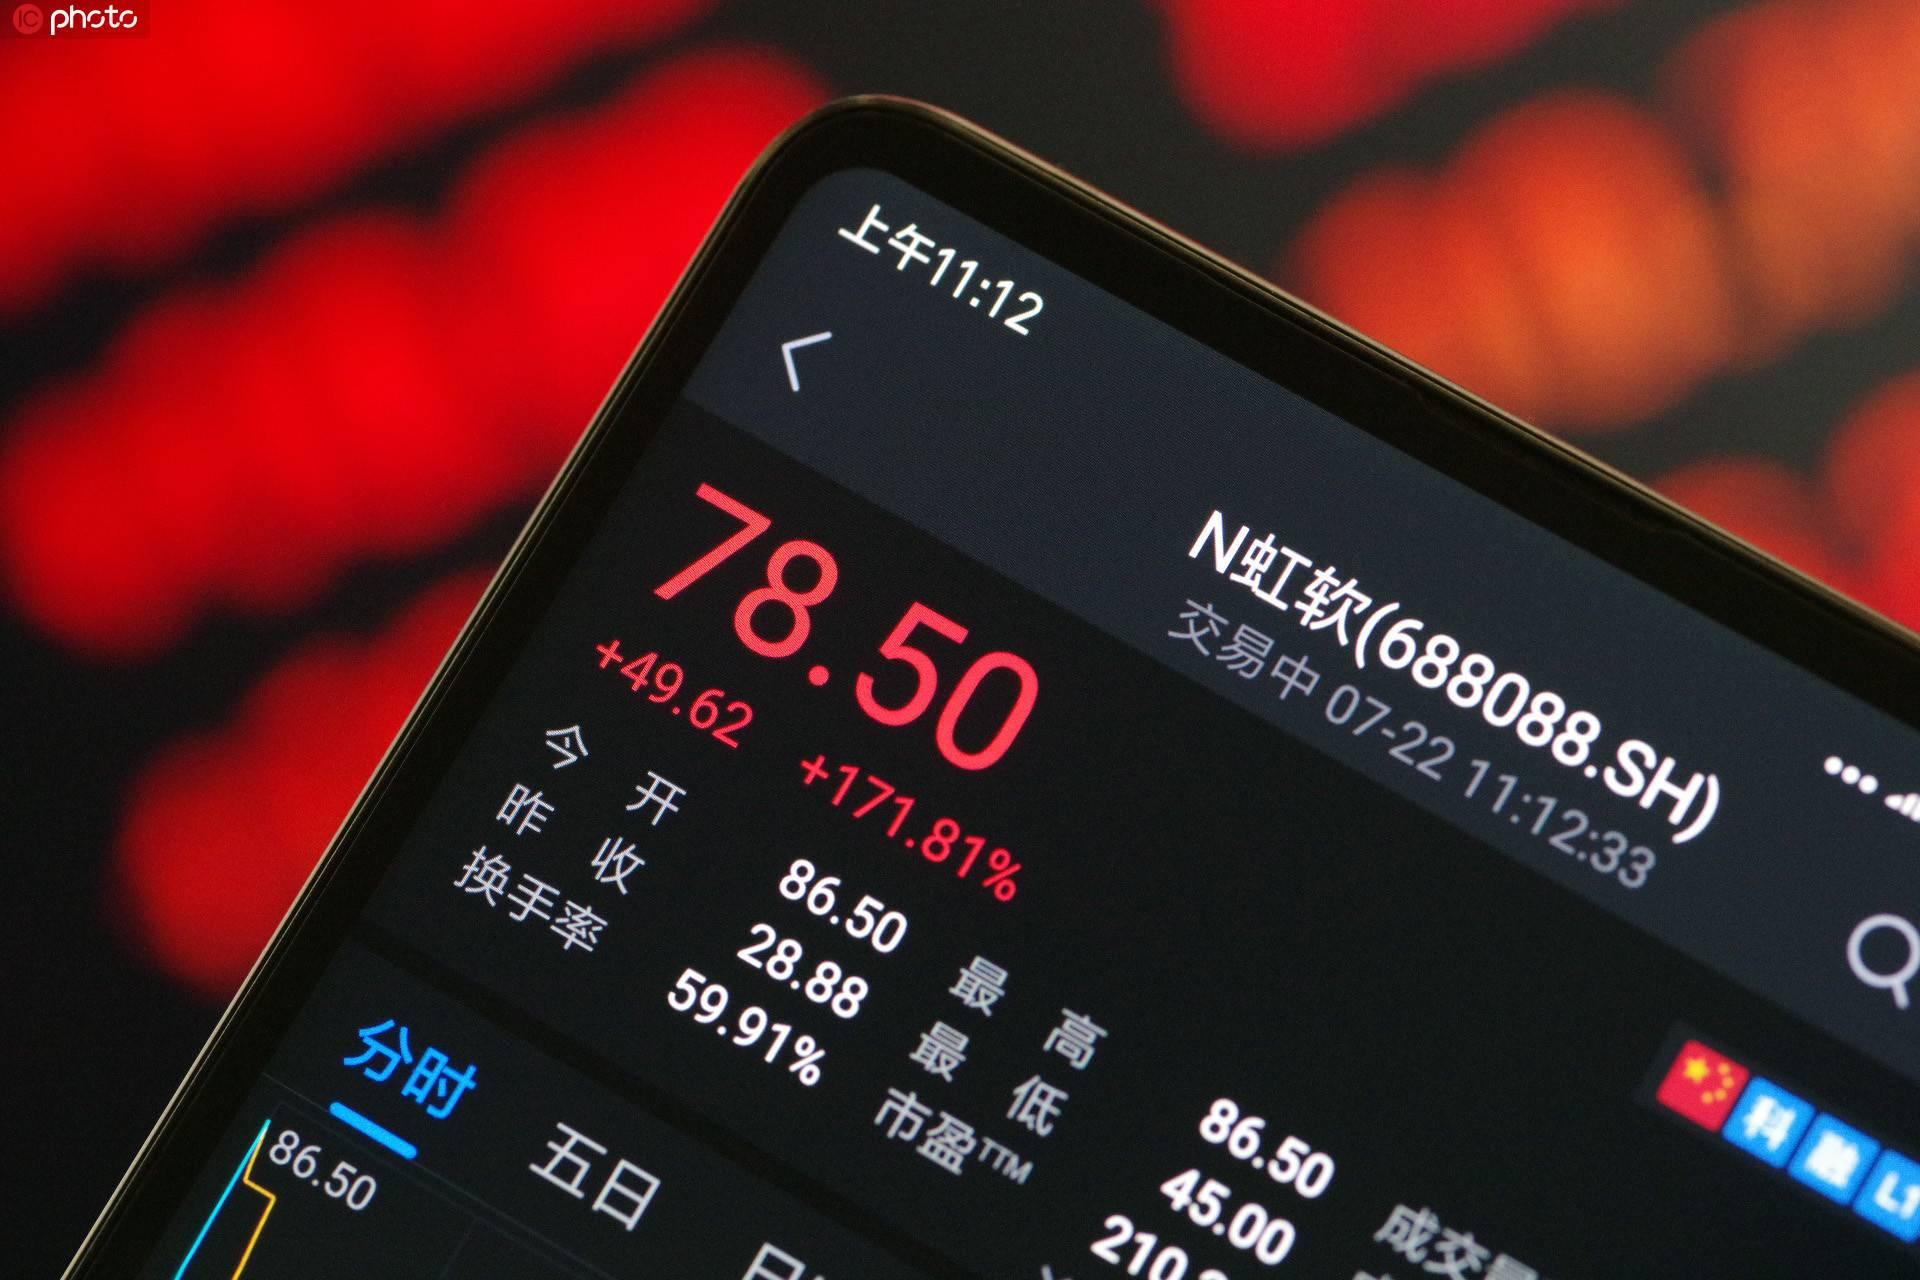 开盘上涨近200%,虹软科技发力AIoT底气十足?